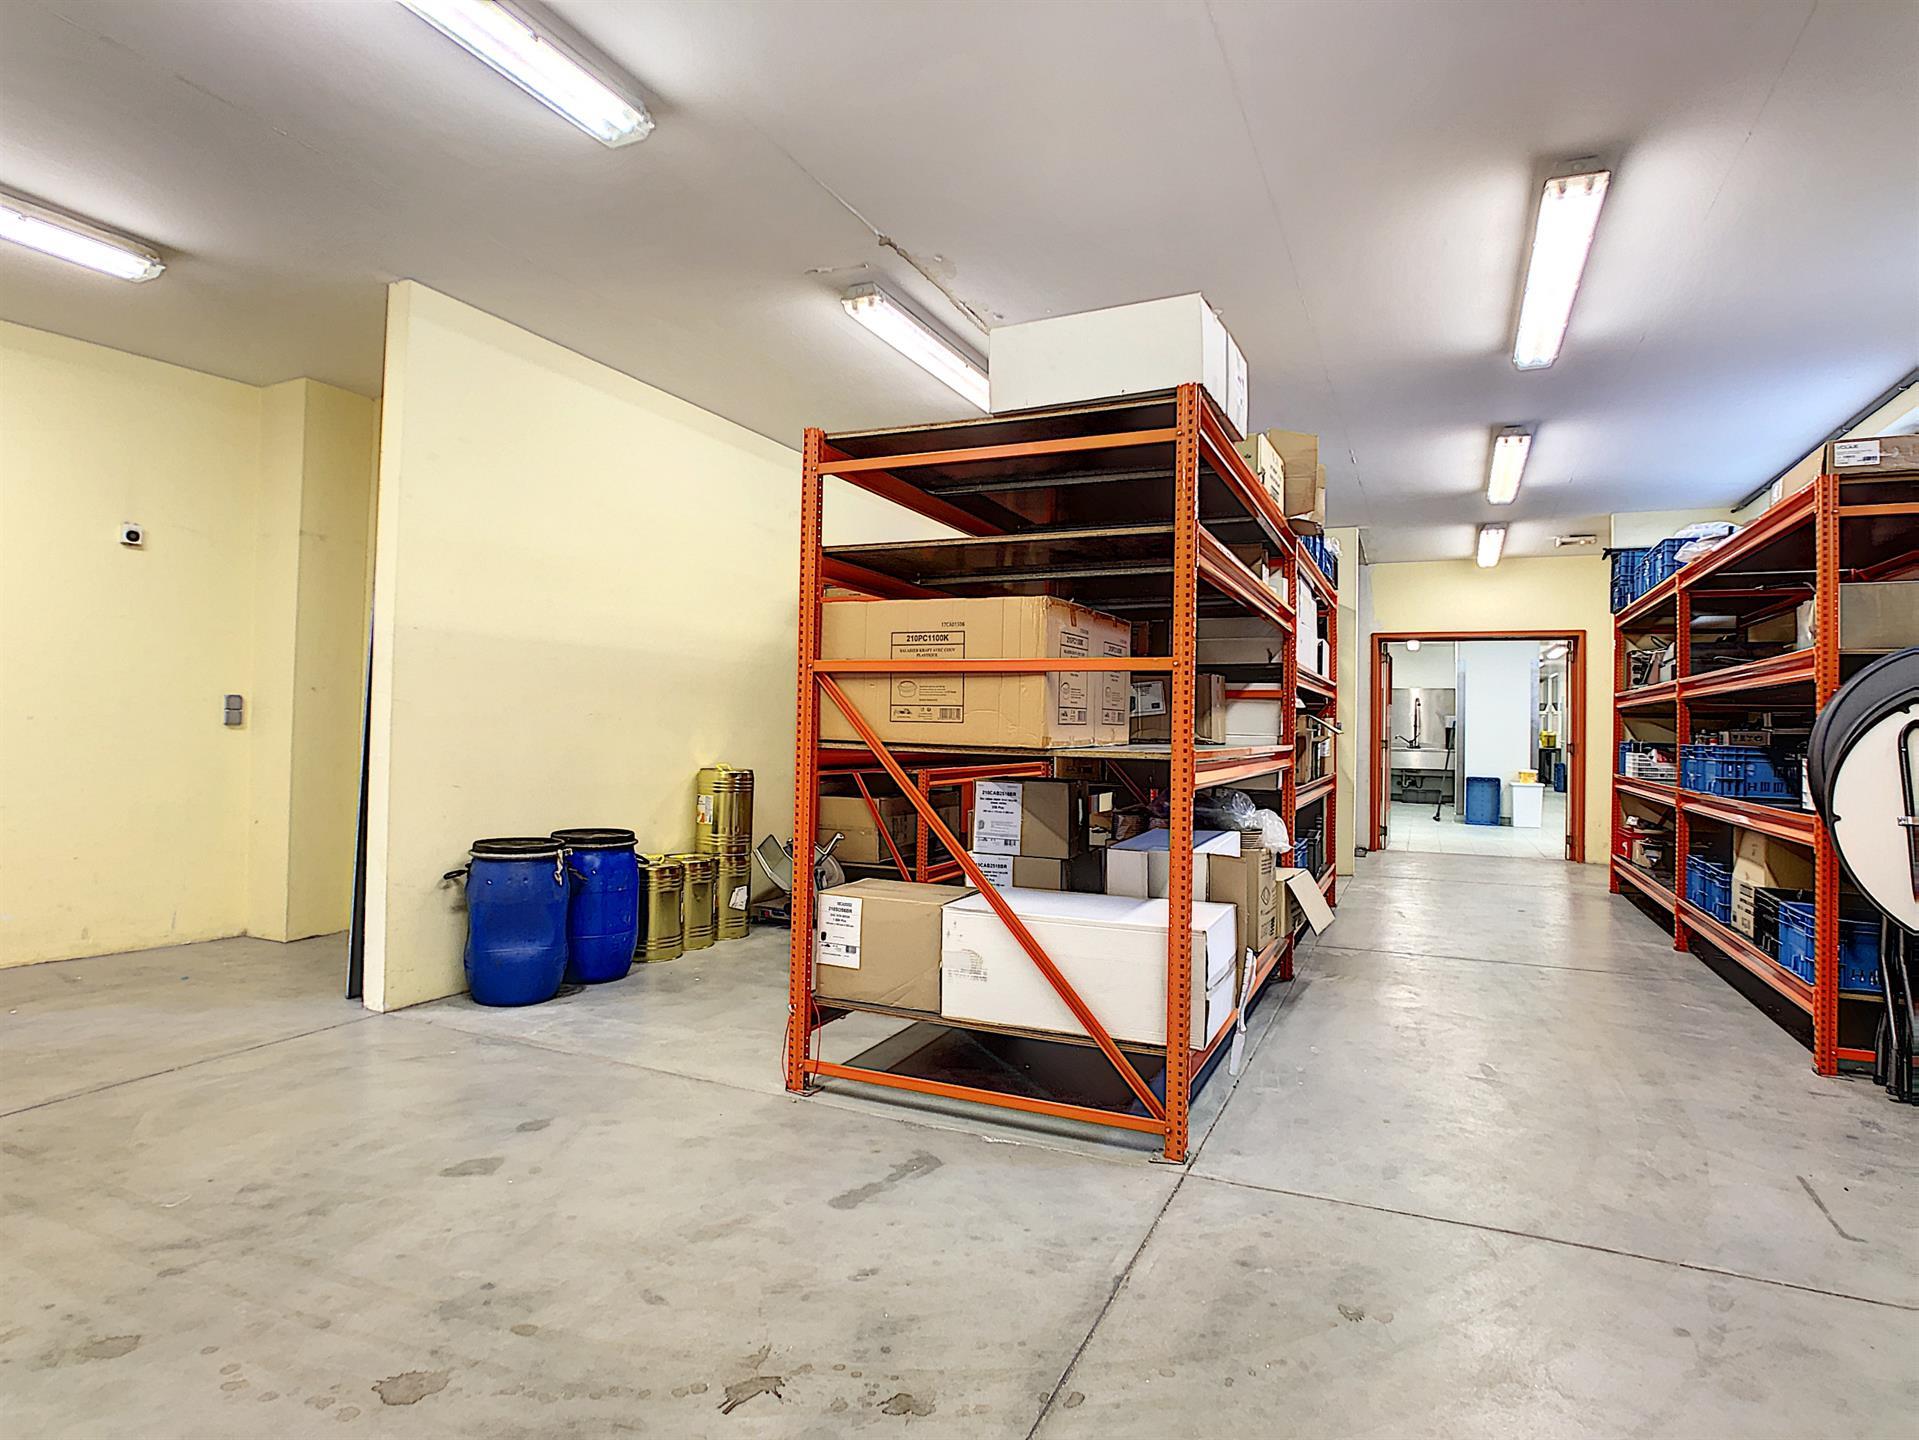 Bureaux & entrepôts - Molenbeek-Saint-Jean - #4036306-9